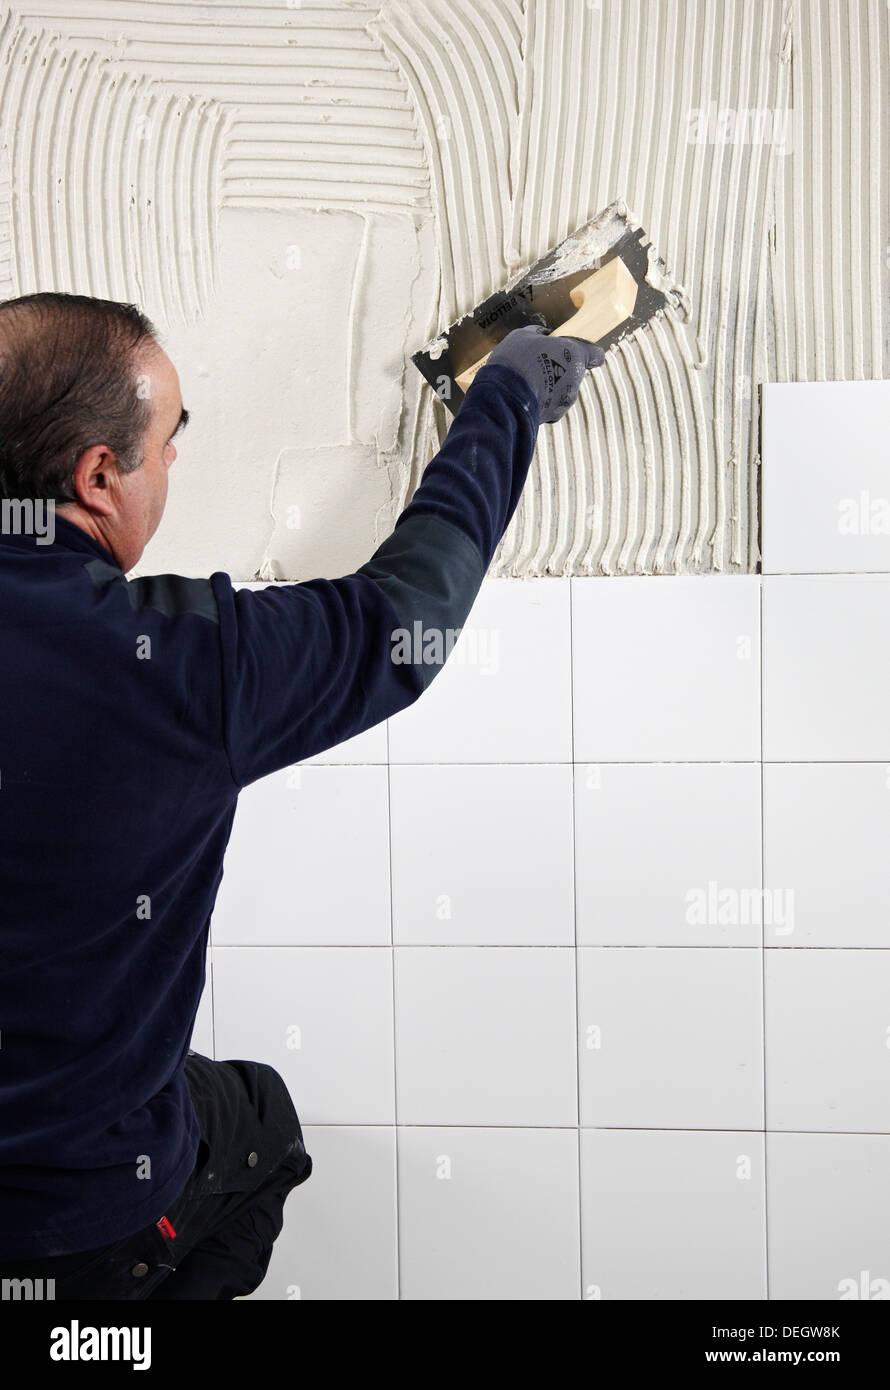 Wand Mit Kleber Mörtel Vorbereiten Bevor Fliesen Mit Einer - Wand zum fliesen vorbereiten